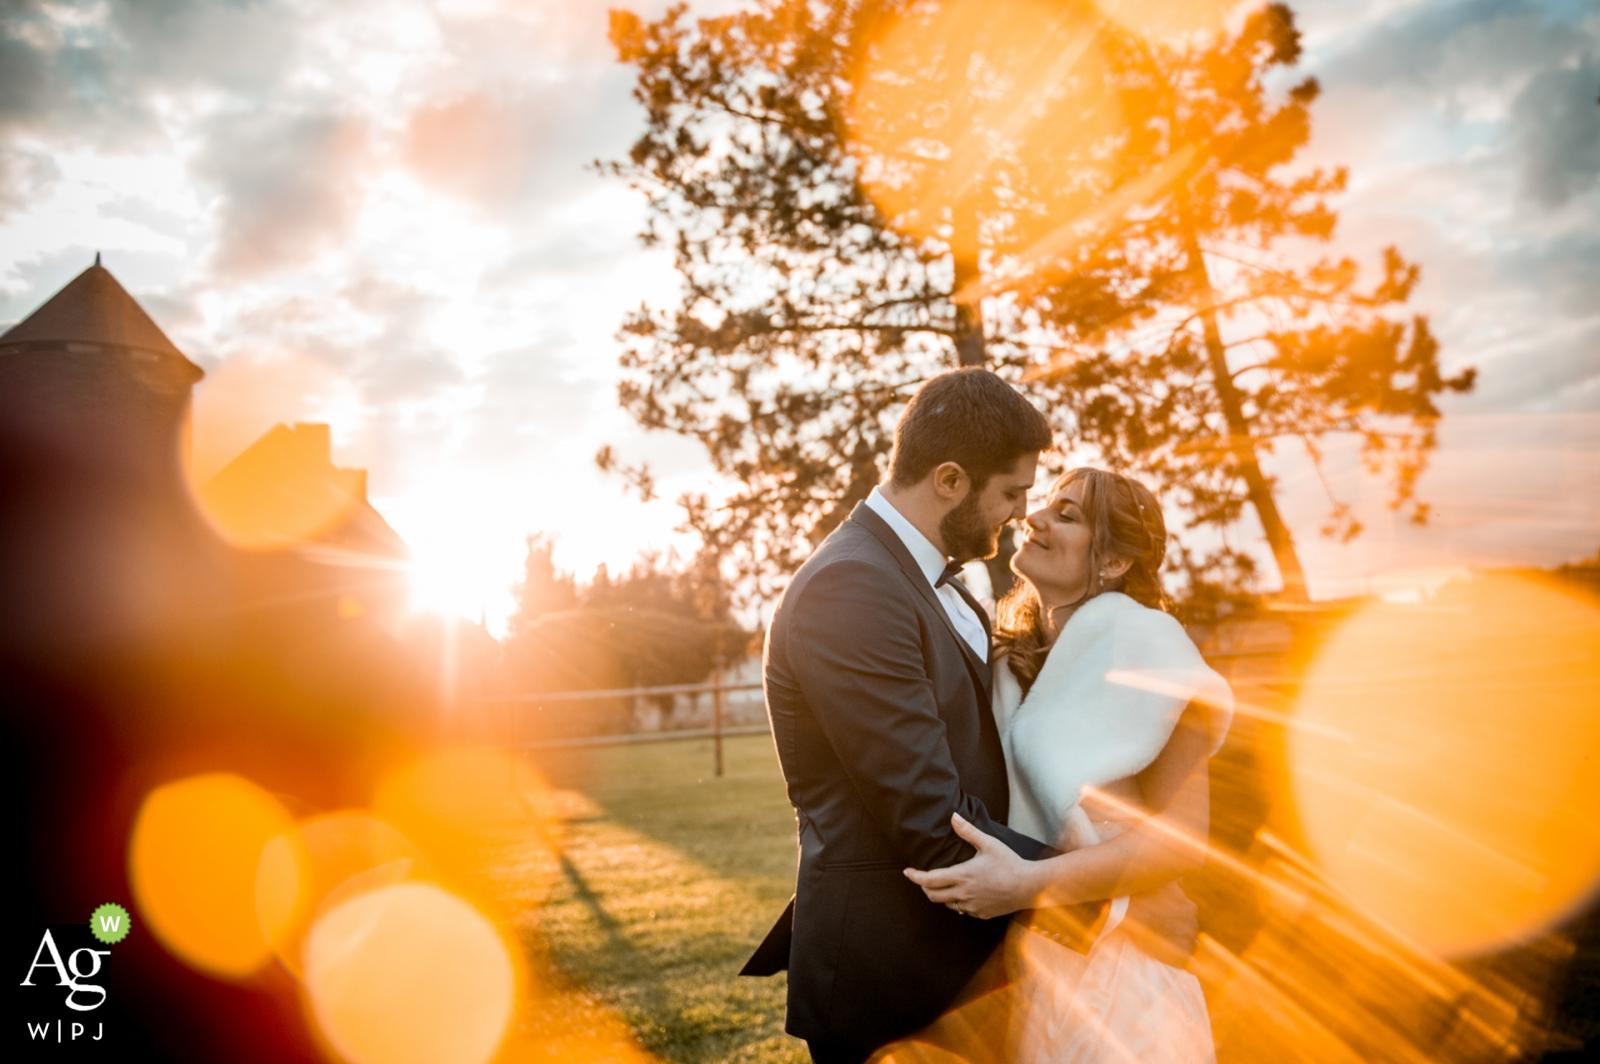 Séance de portrait du jour du mariage créatif Bokeh avec une mariée et le marié de l'Oise